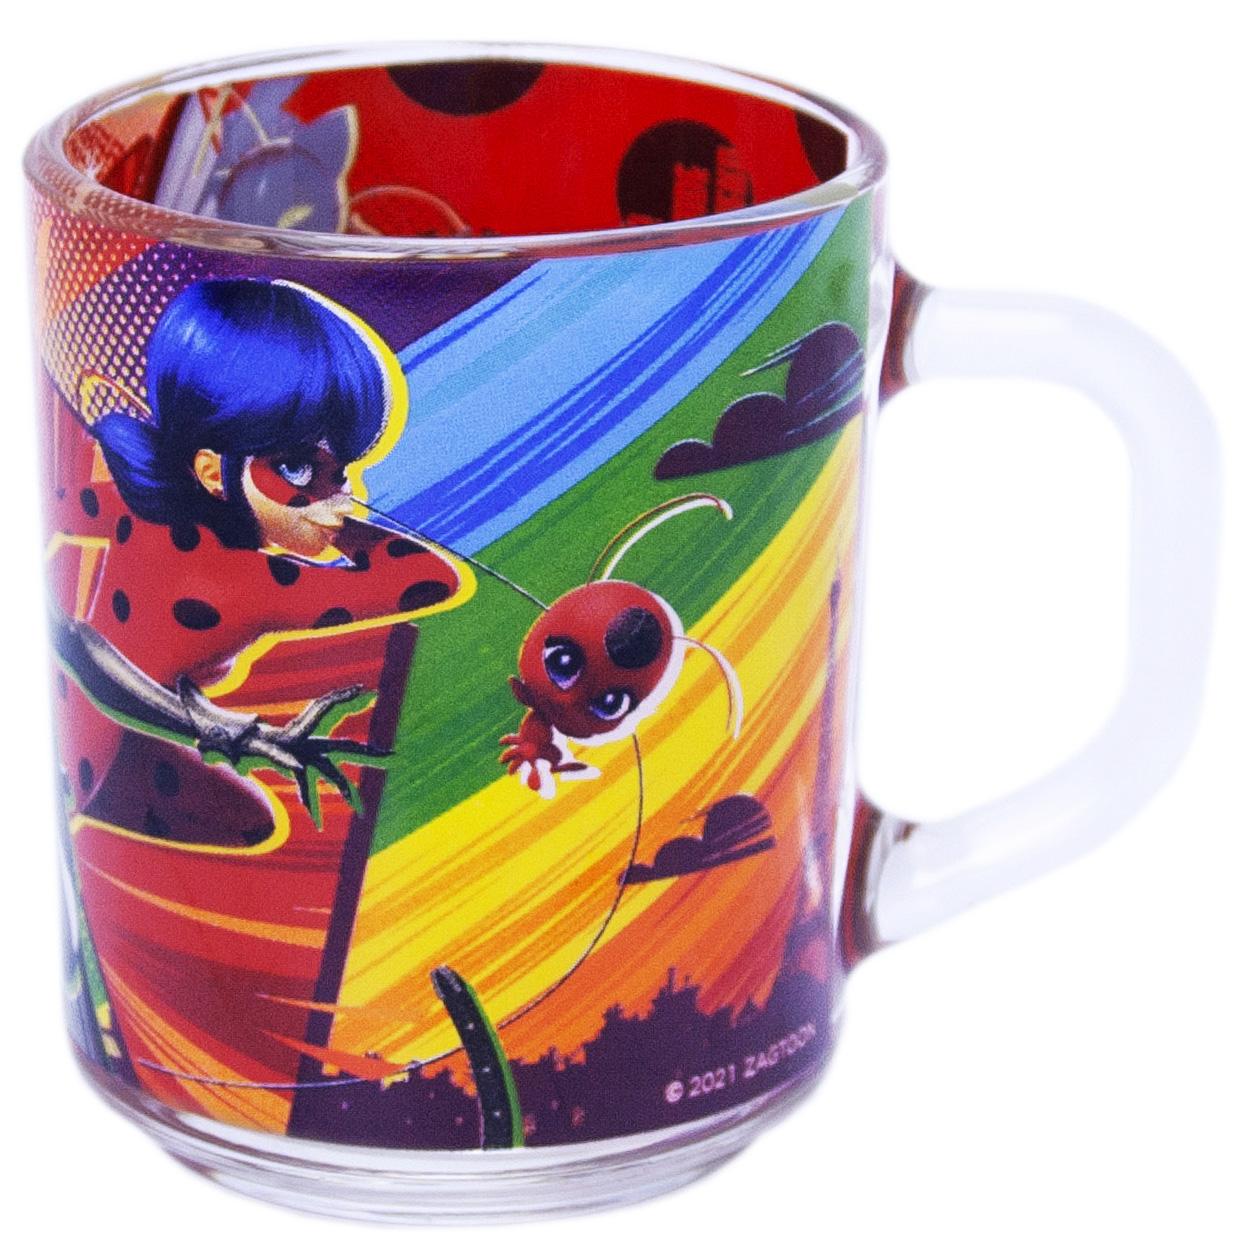 Кружка Леди Баг и Супер Кот: Комиксы (стекло) (230 мл.) недорого